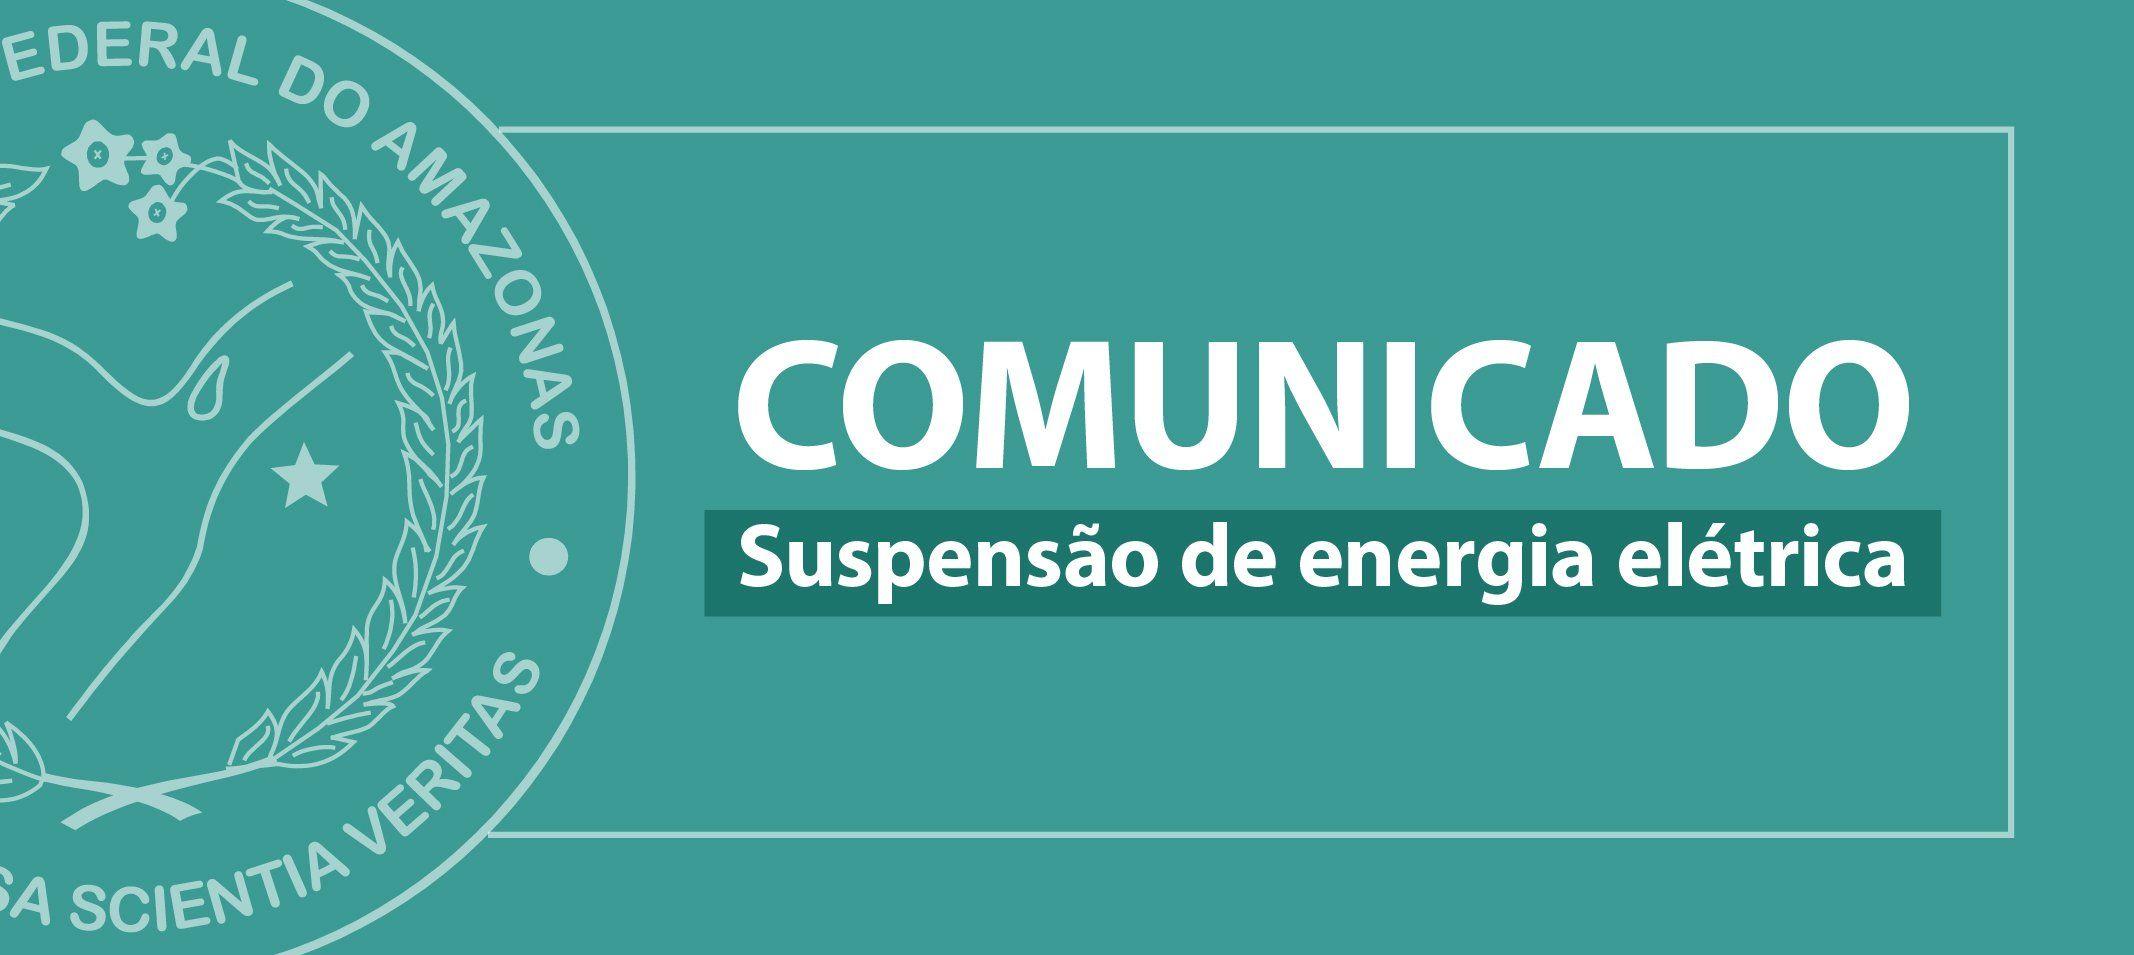 Prefeitura do Campus informa suspensão de energia para troca de transformador nesta quinta, 23